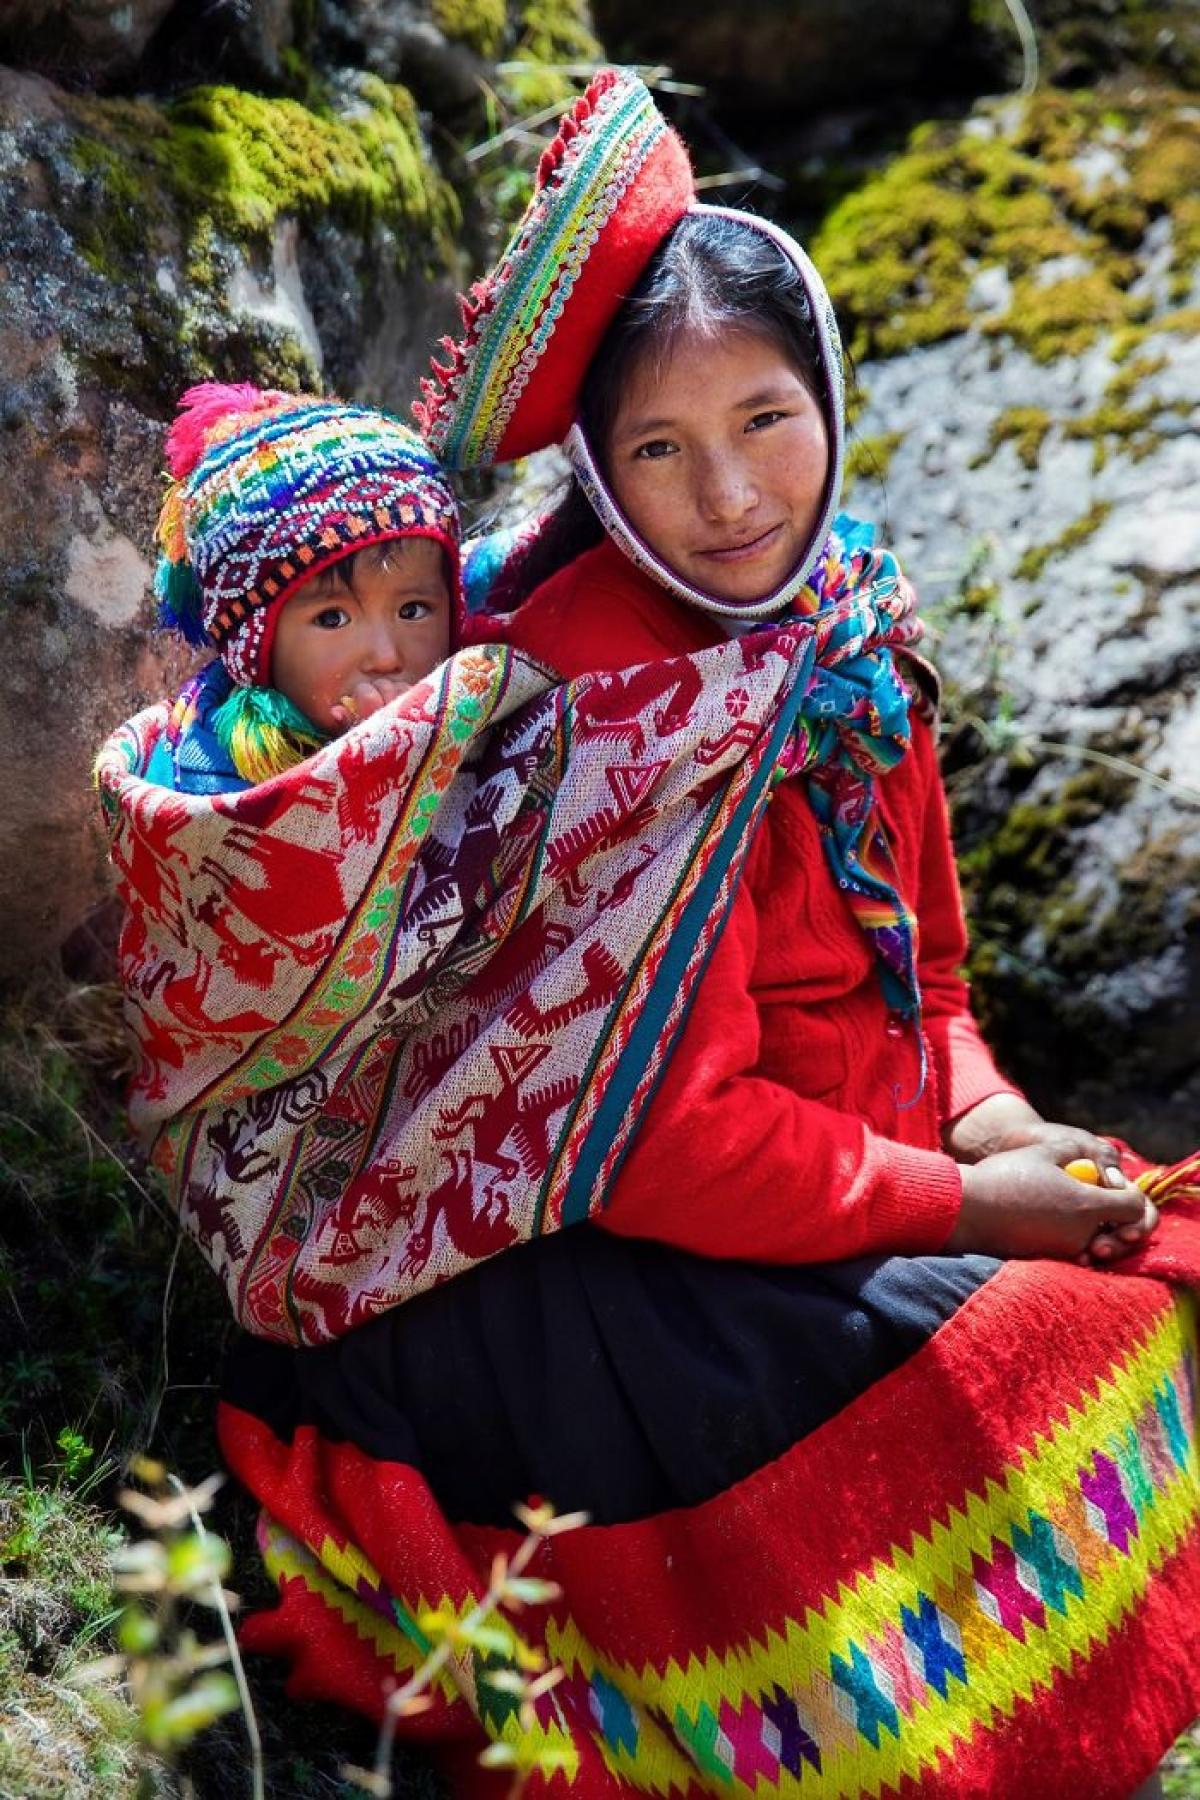 Bức ảnh được chụp gần dãy núi Andes, Peru ghi lại khoảnh khắc hai mẹ con Juliana và con trai Alex.